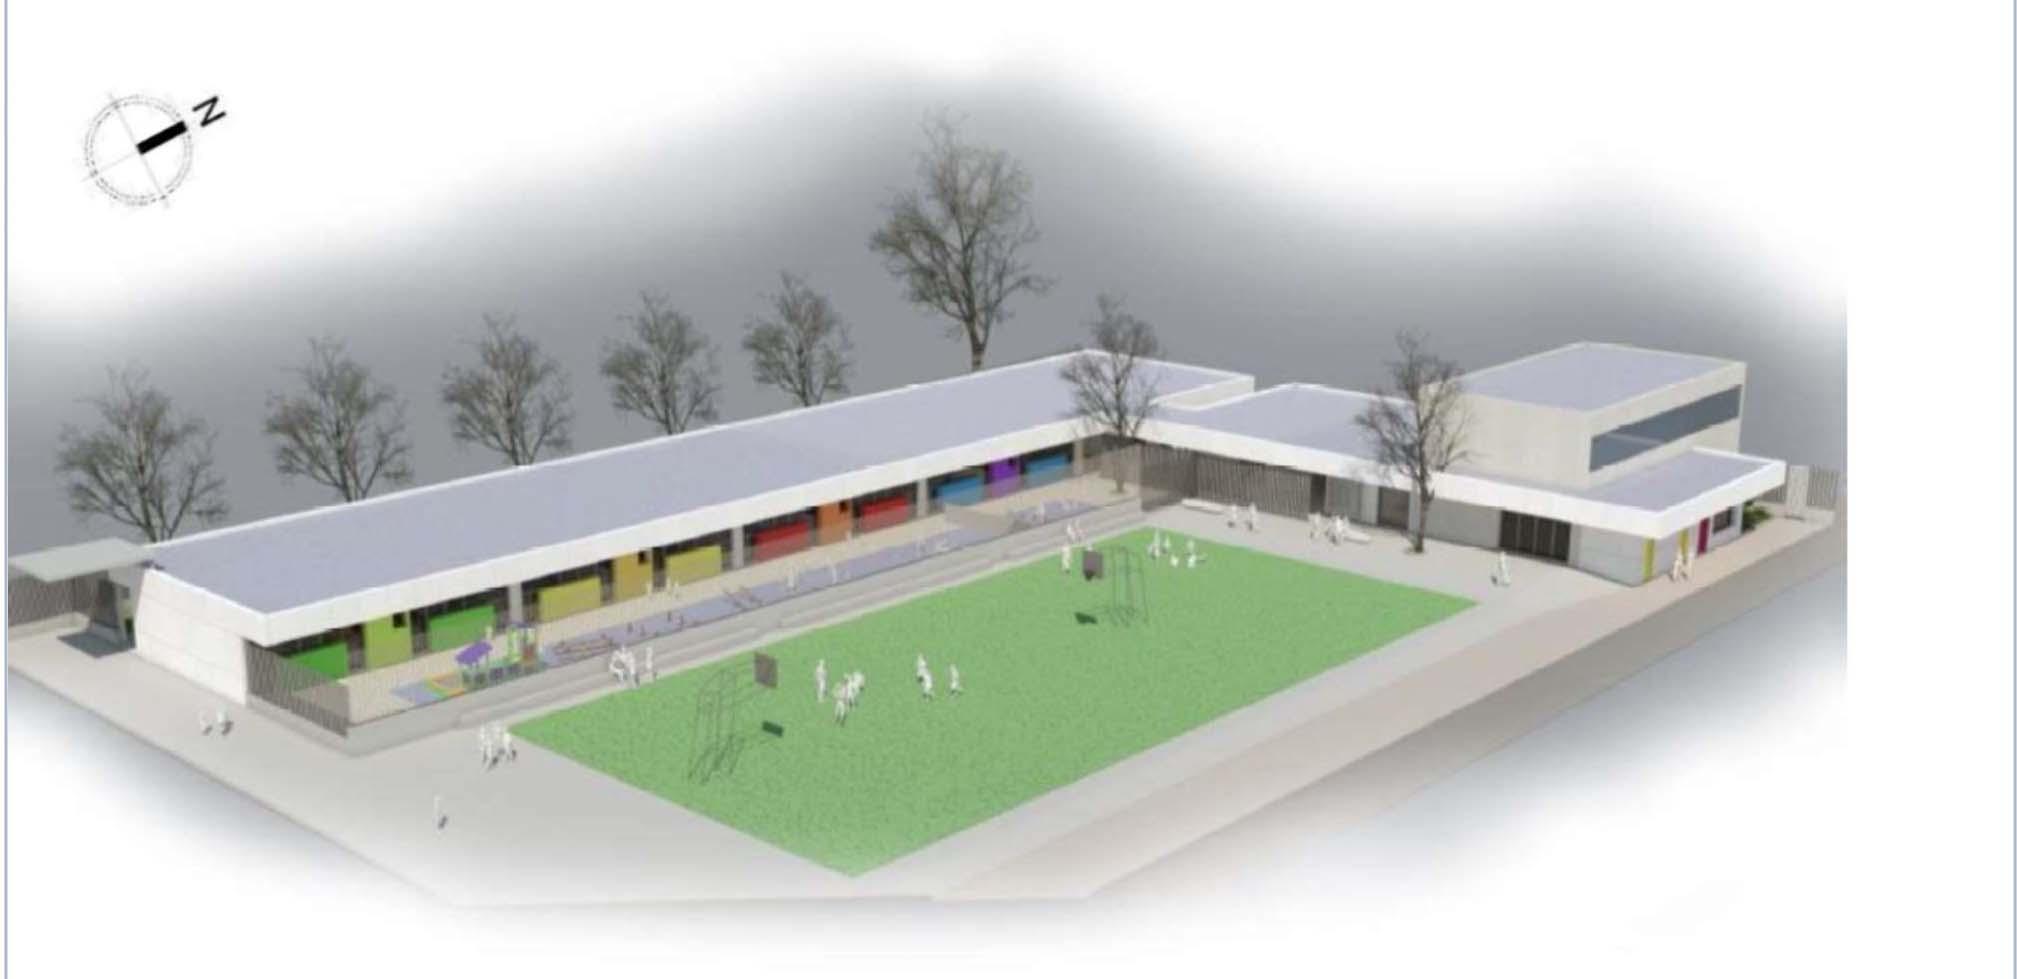 Adjudicades les obres del nou aulari del col·legi Pou de la Muntanya